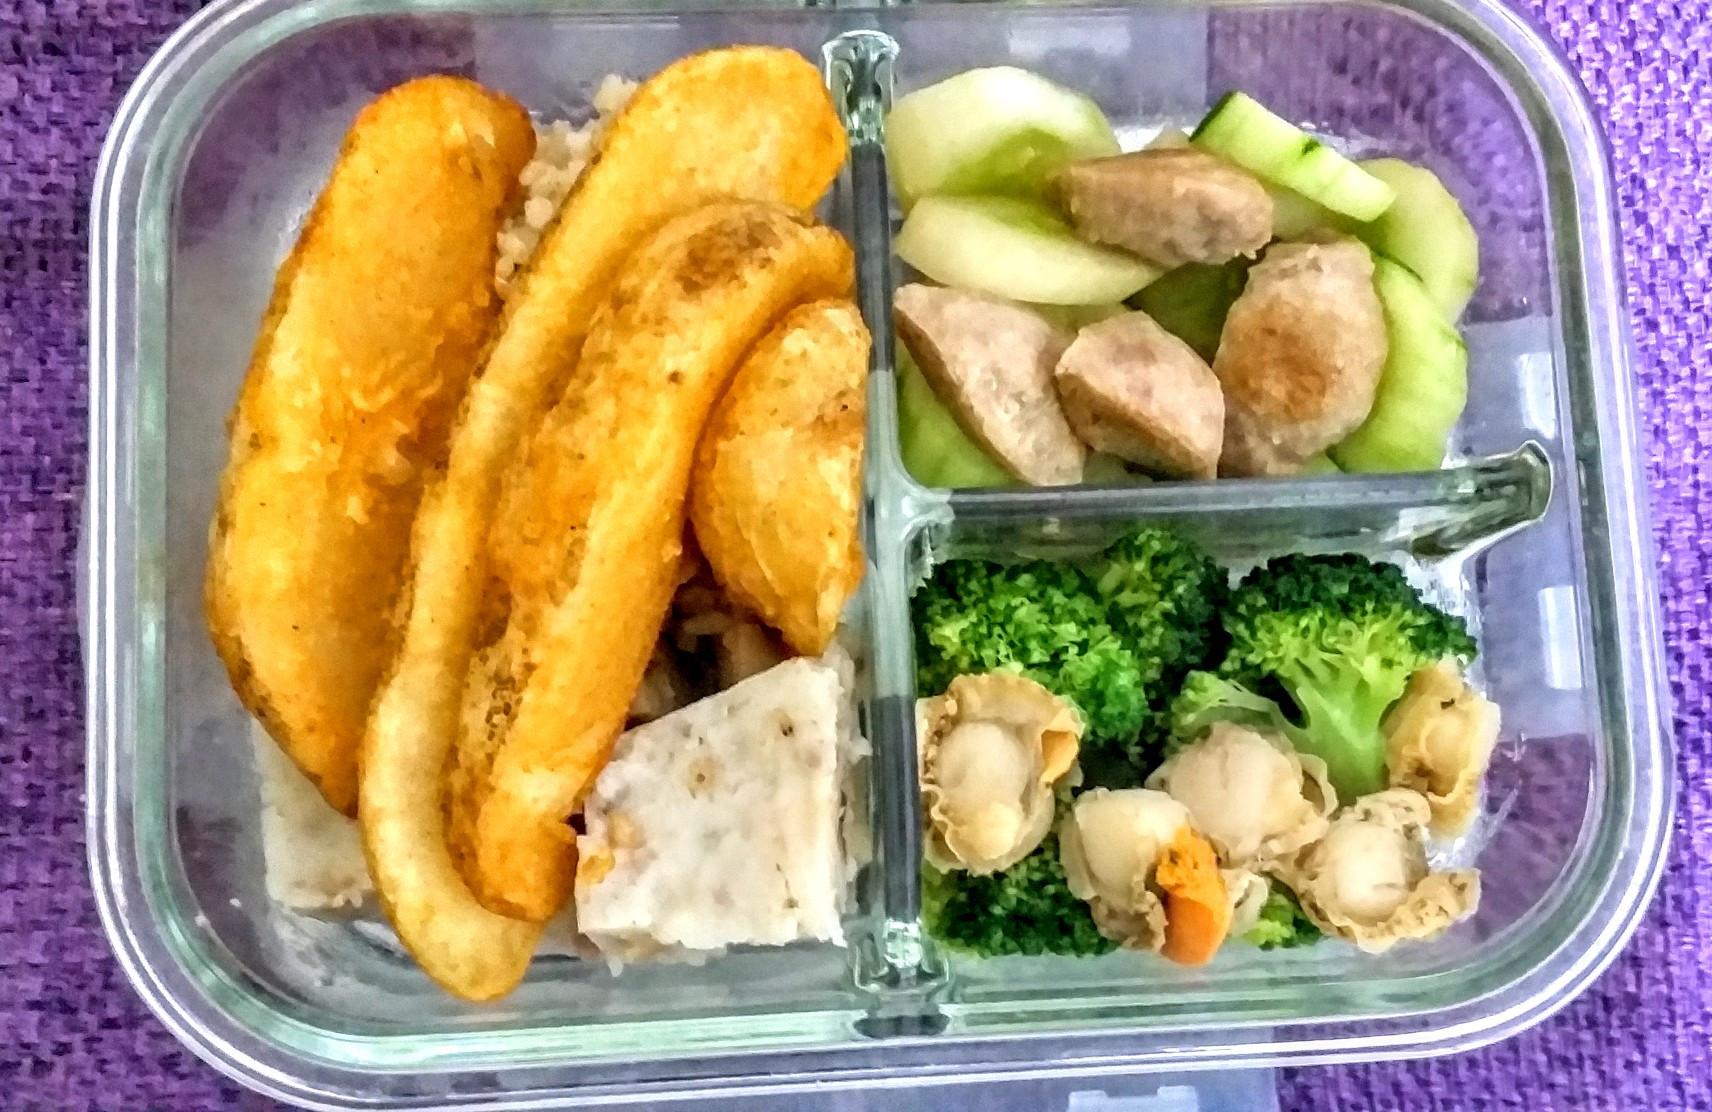 中學生便當-薯條糙米飯